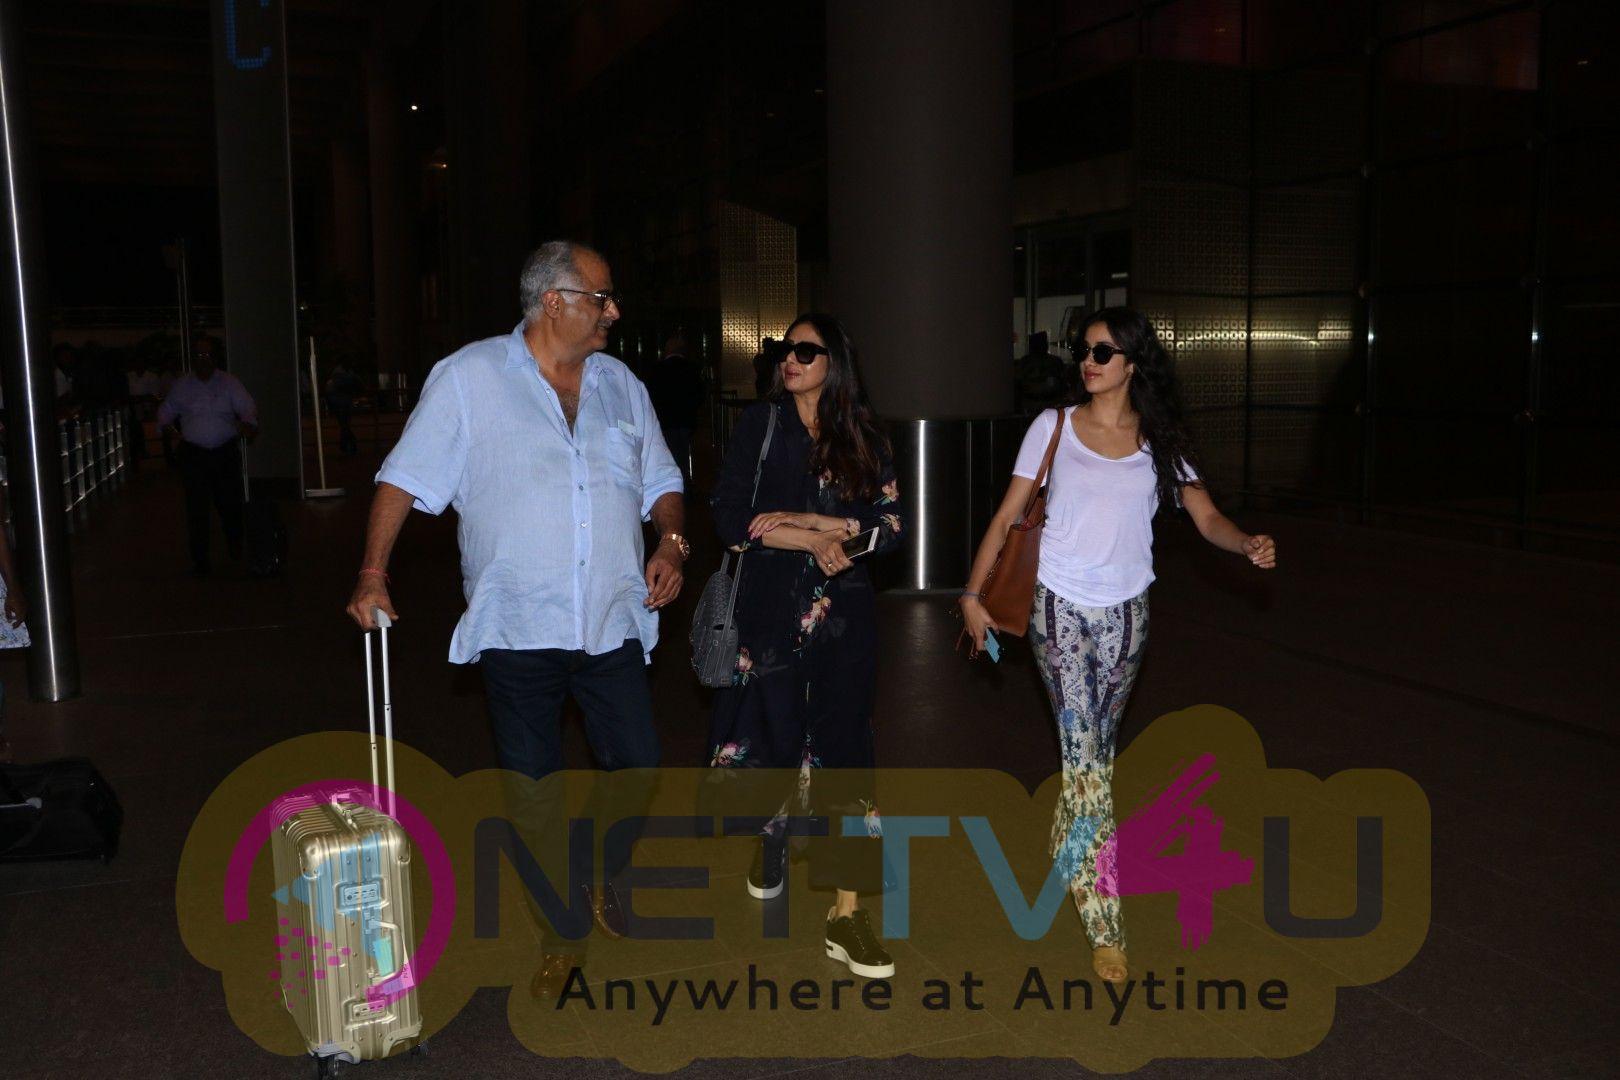 Ishaan Khattar With Family And Malavika Mohanan At Airport Stills Hindi Gallery